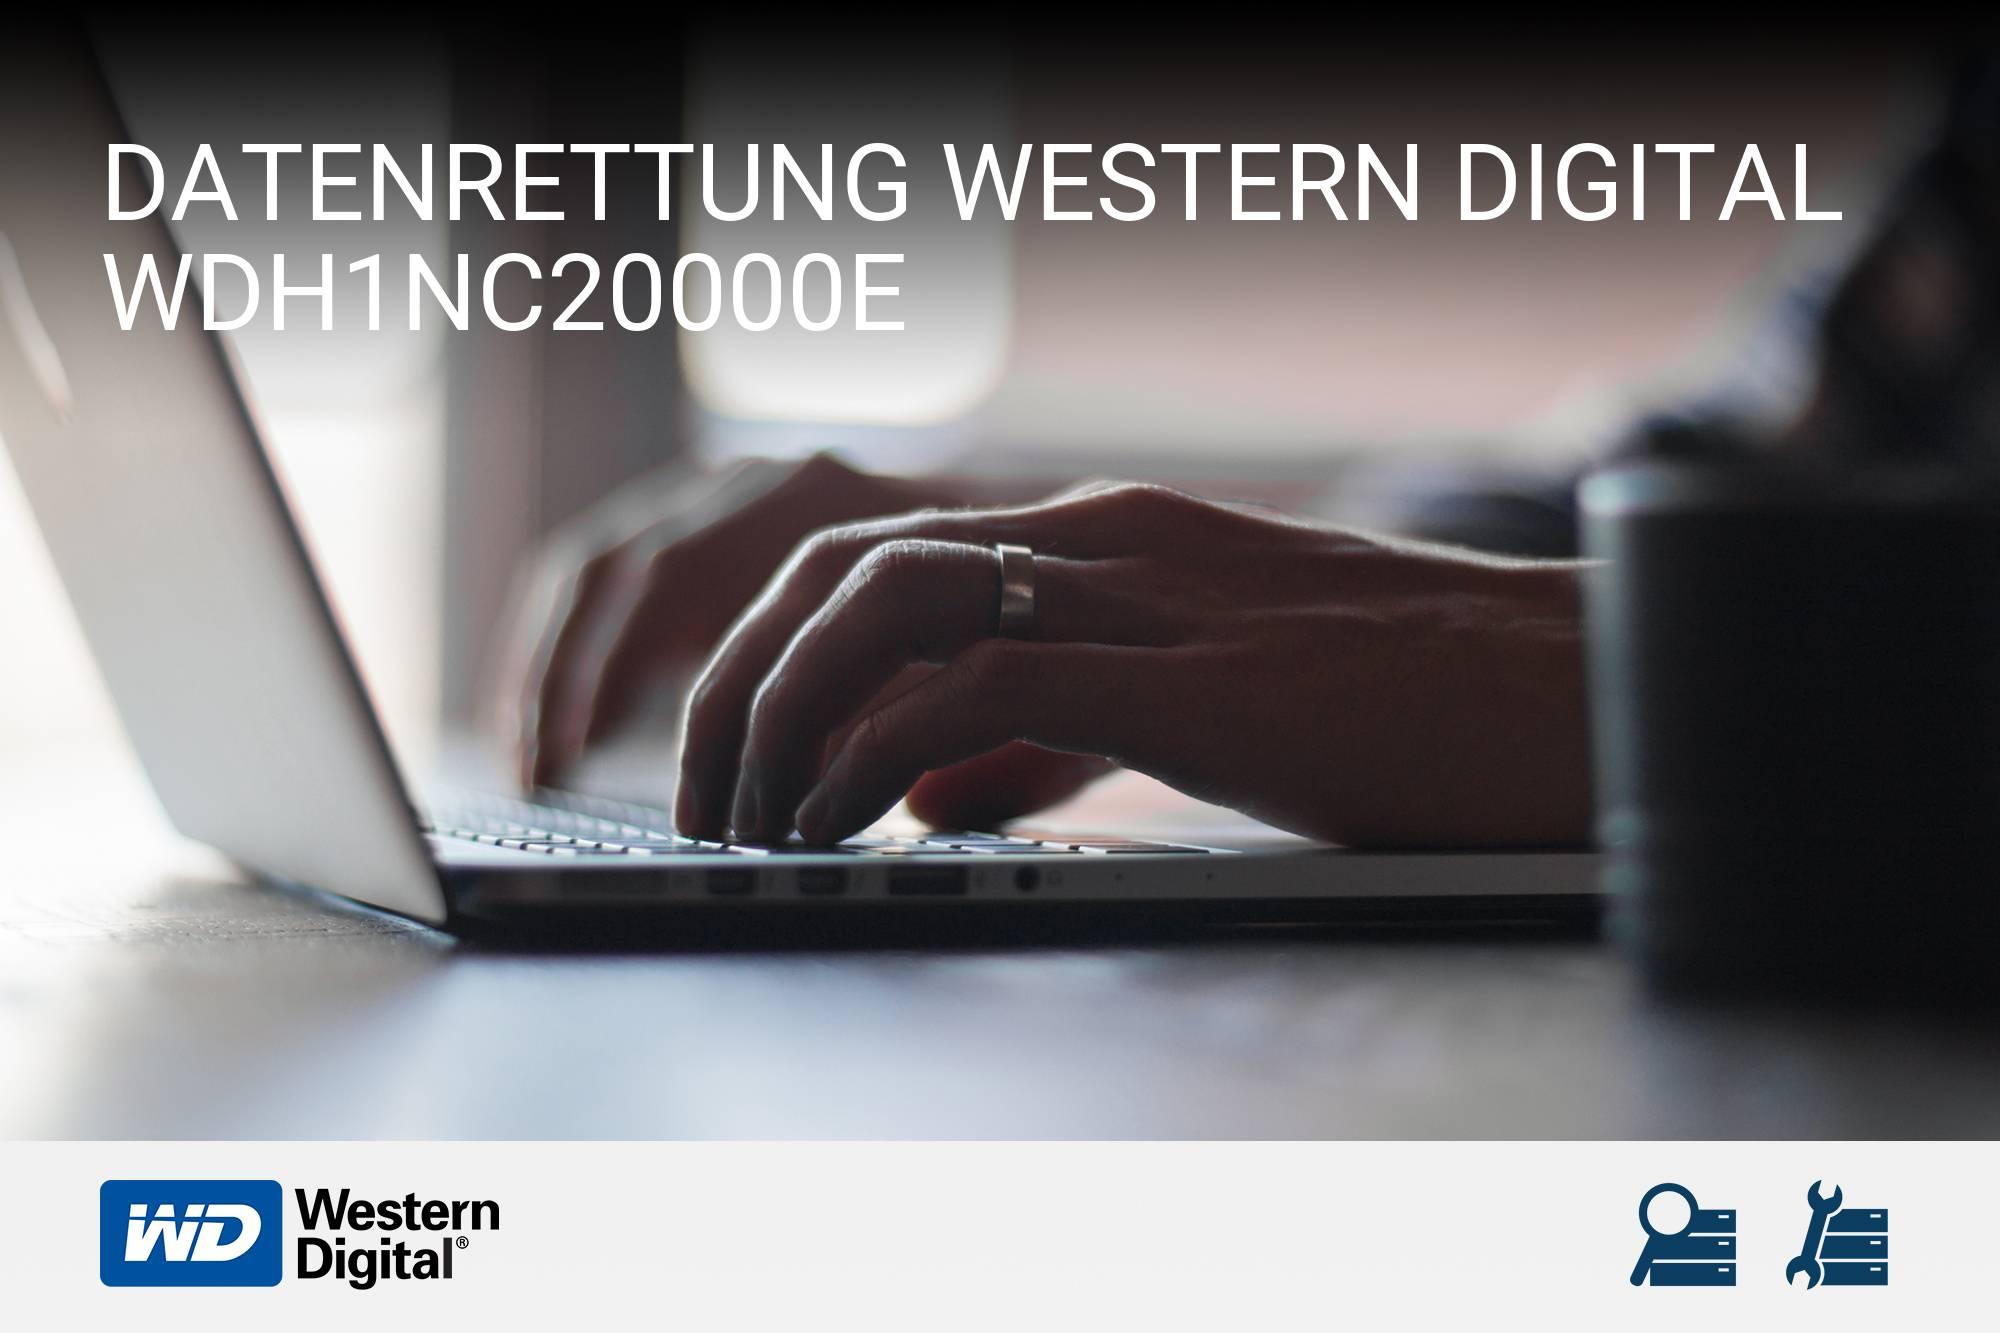 Western Digital WDH1NC20000E